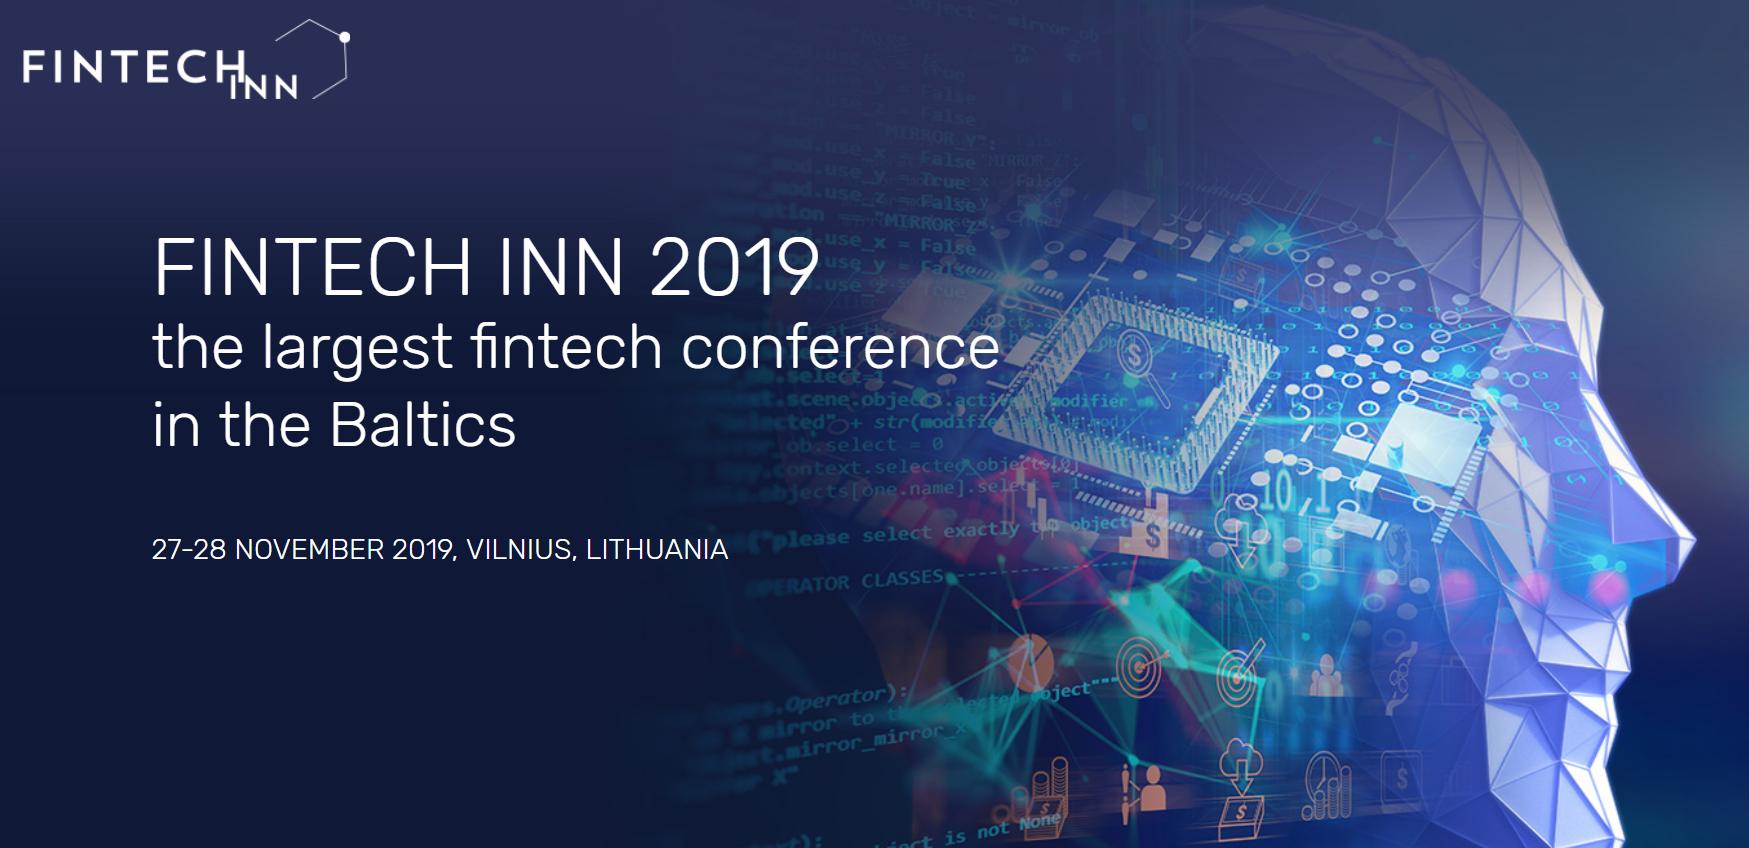 泛付PanPay受邀参与FINTECH INN 2019,探讨金融科技新未来